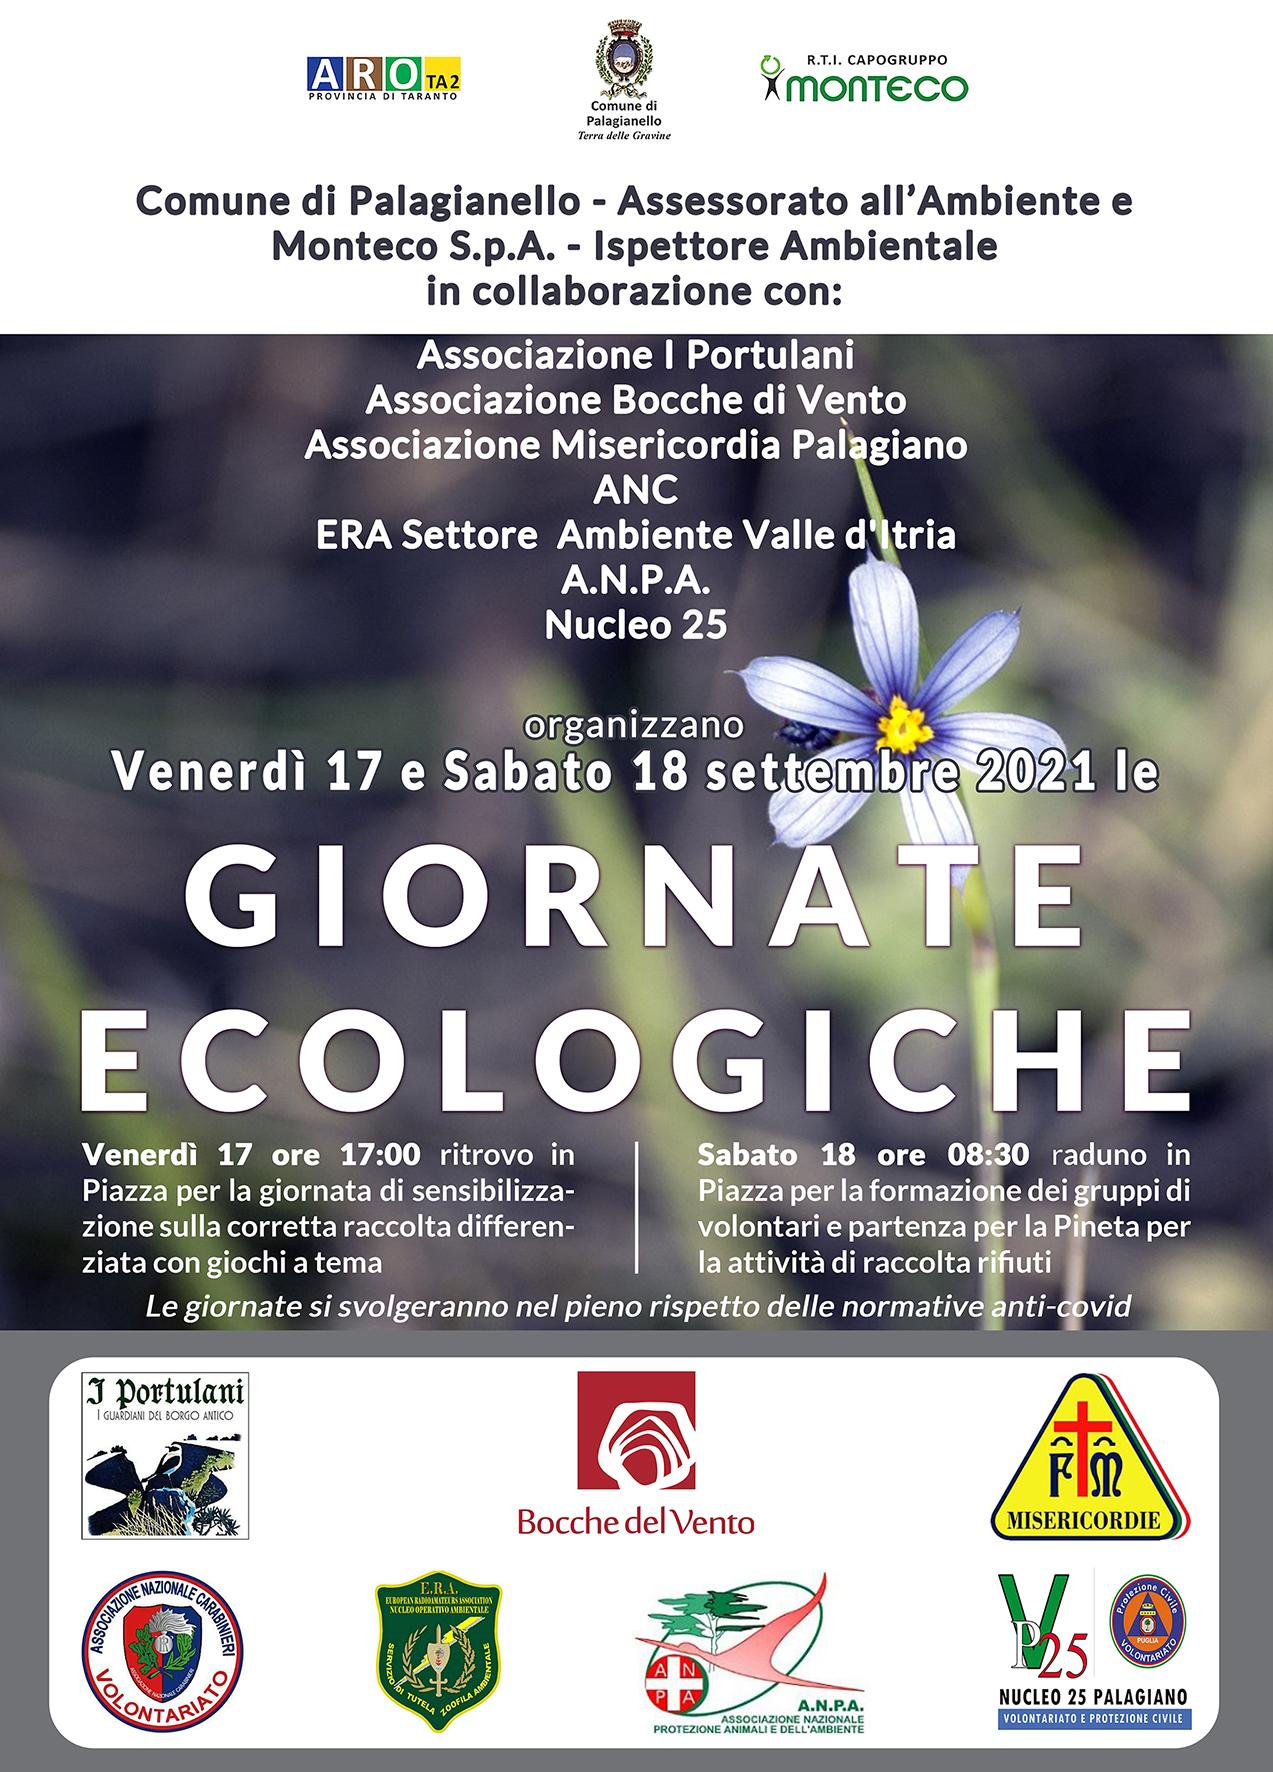 Palagianello. Sabato 18 settembre 2021 si svolgerà la Giornata Ecologica